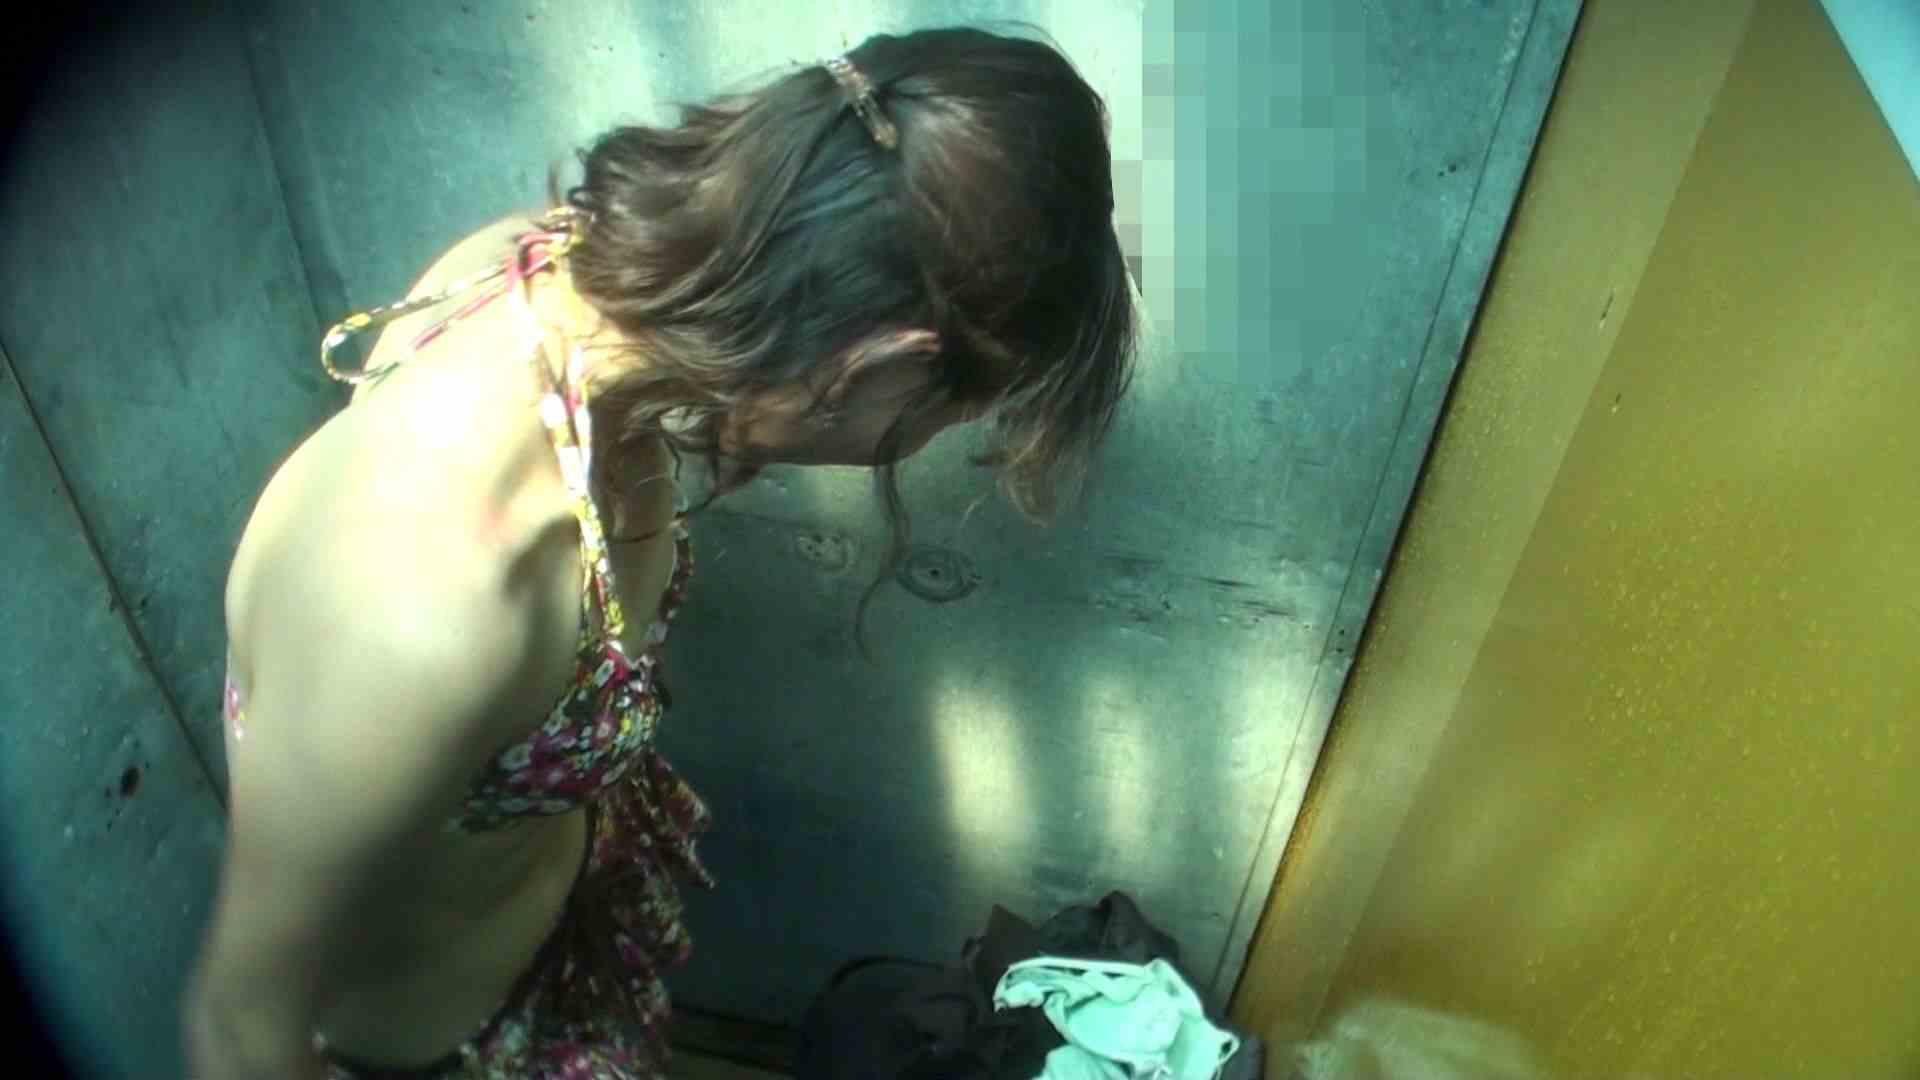 シャワールームは超!!危険な香りVol.16 意外に乳首は年増のそれ 高画質 | 乳首  44連発 29